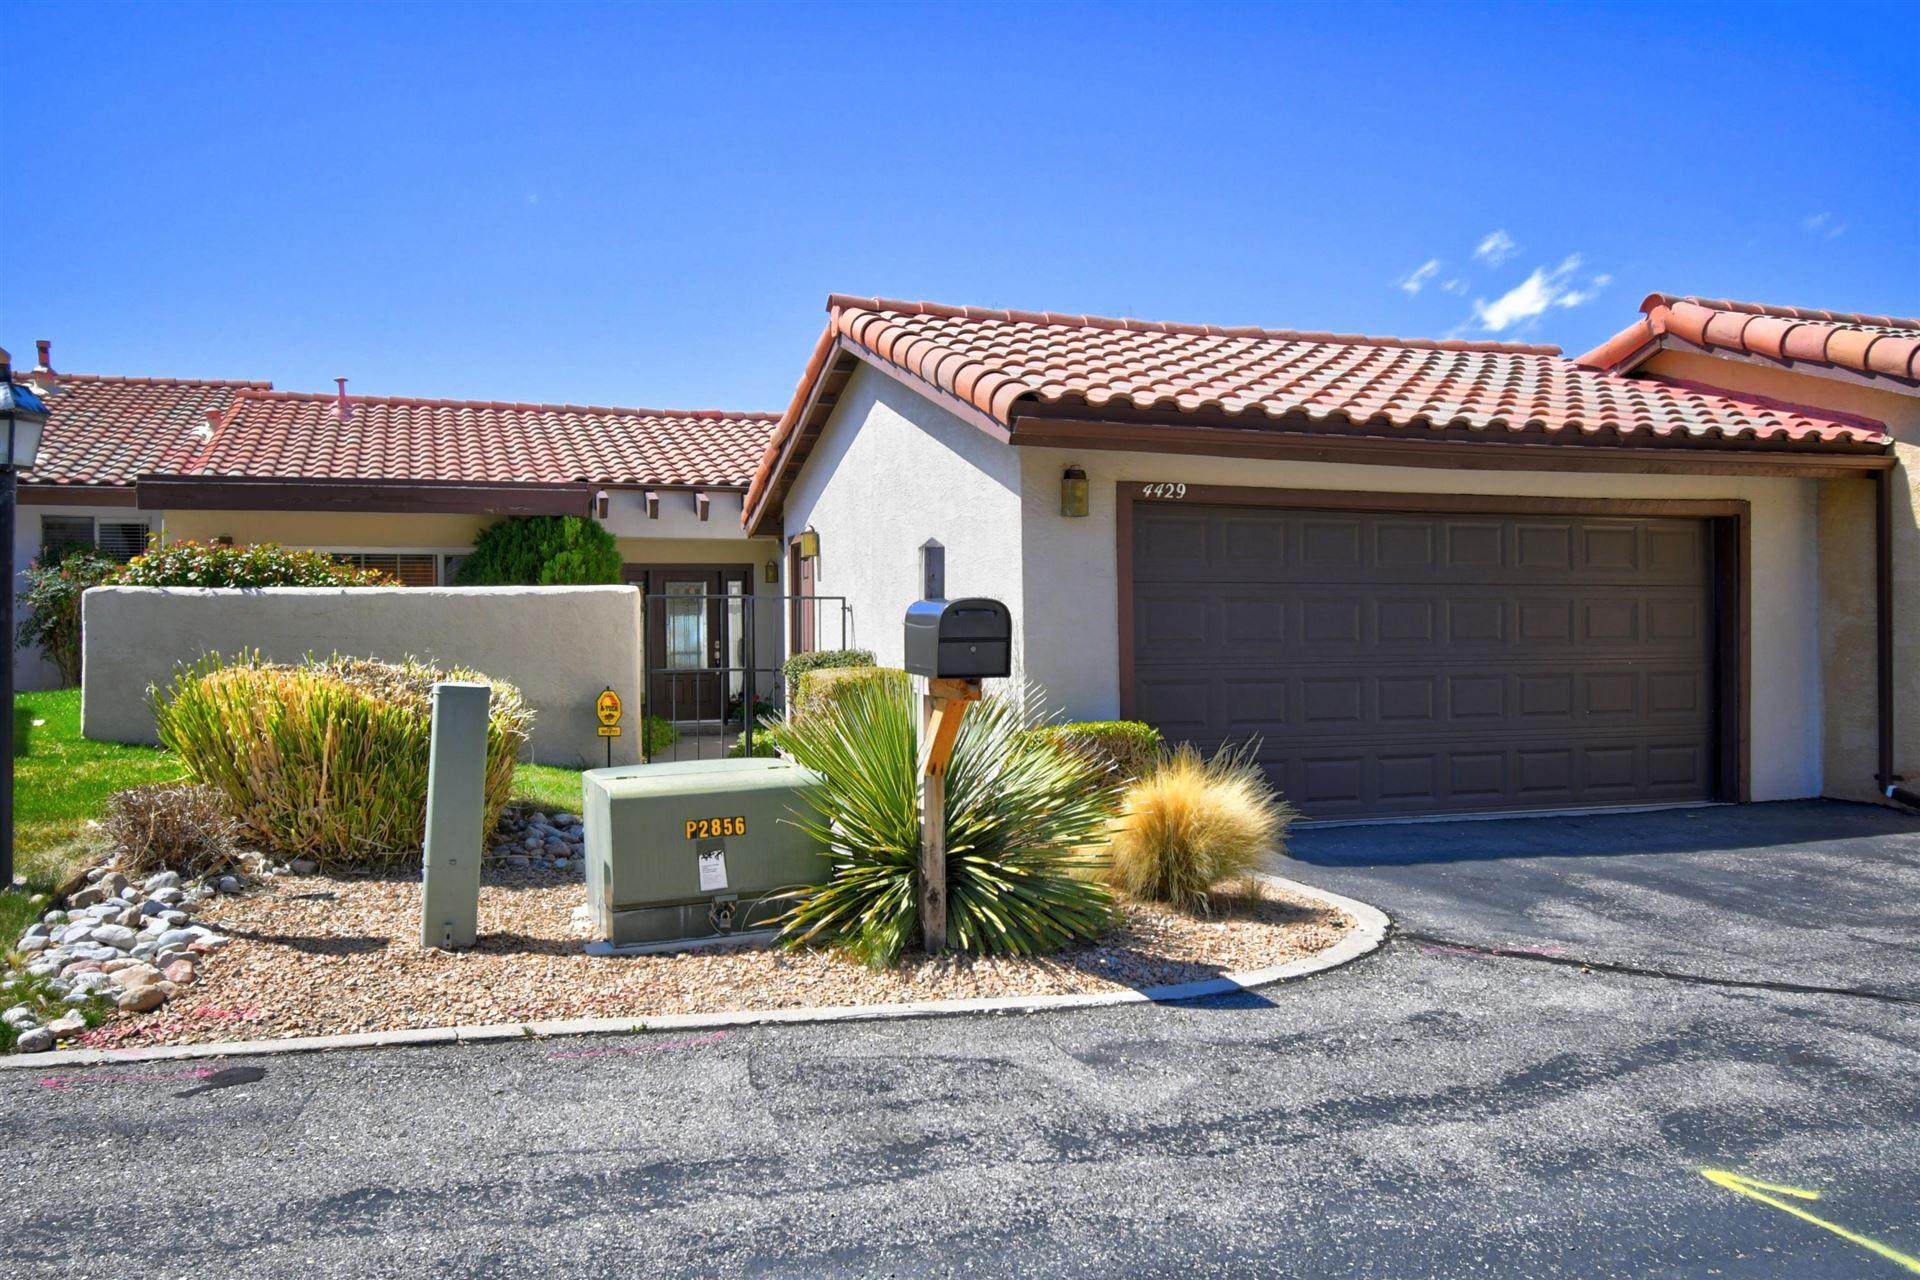 4429 WALDEN Lane NE, Albuquerque, NM 87111 - #: 965140